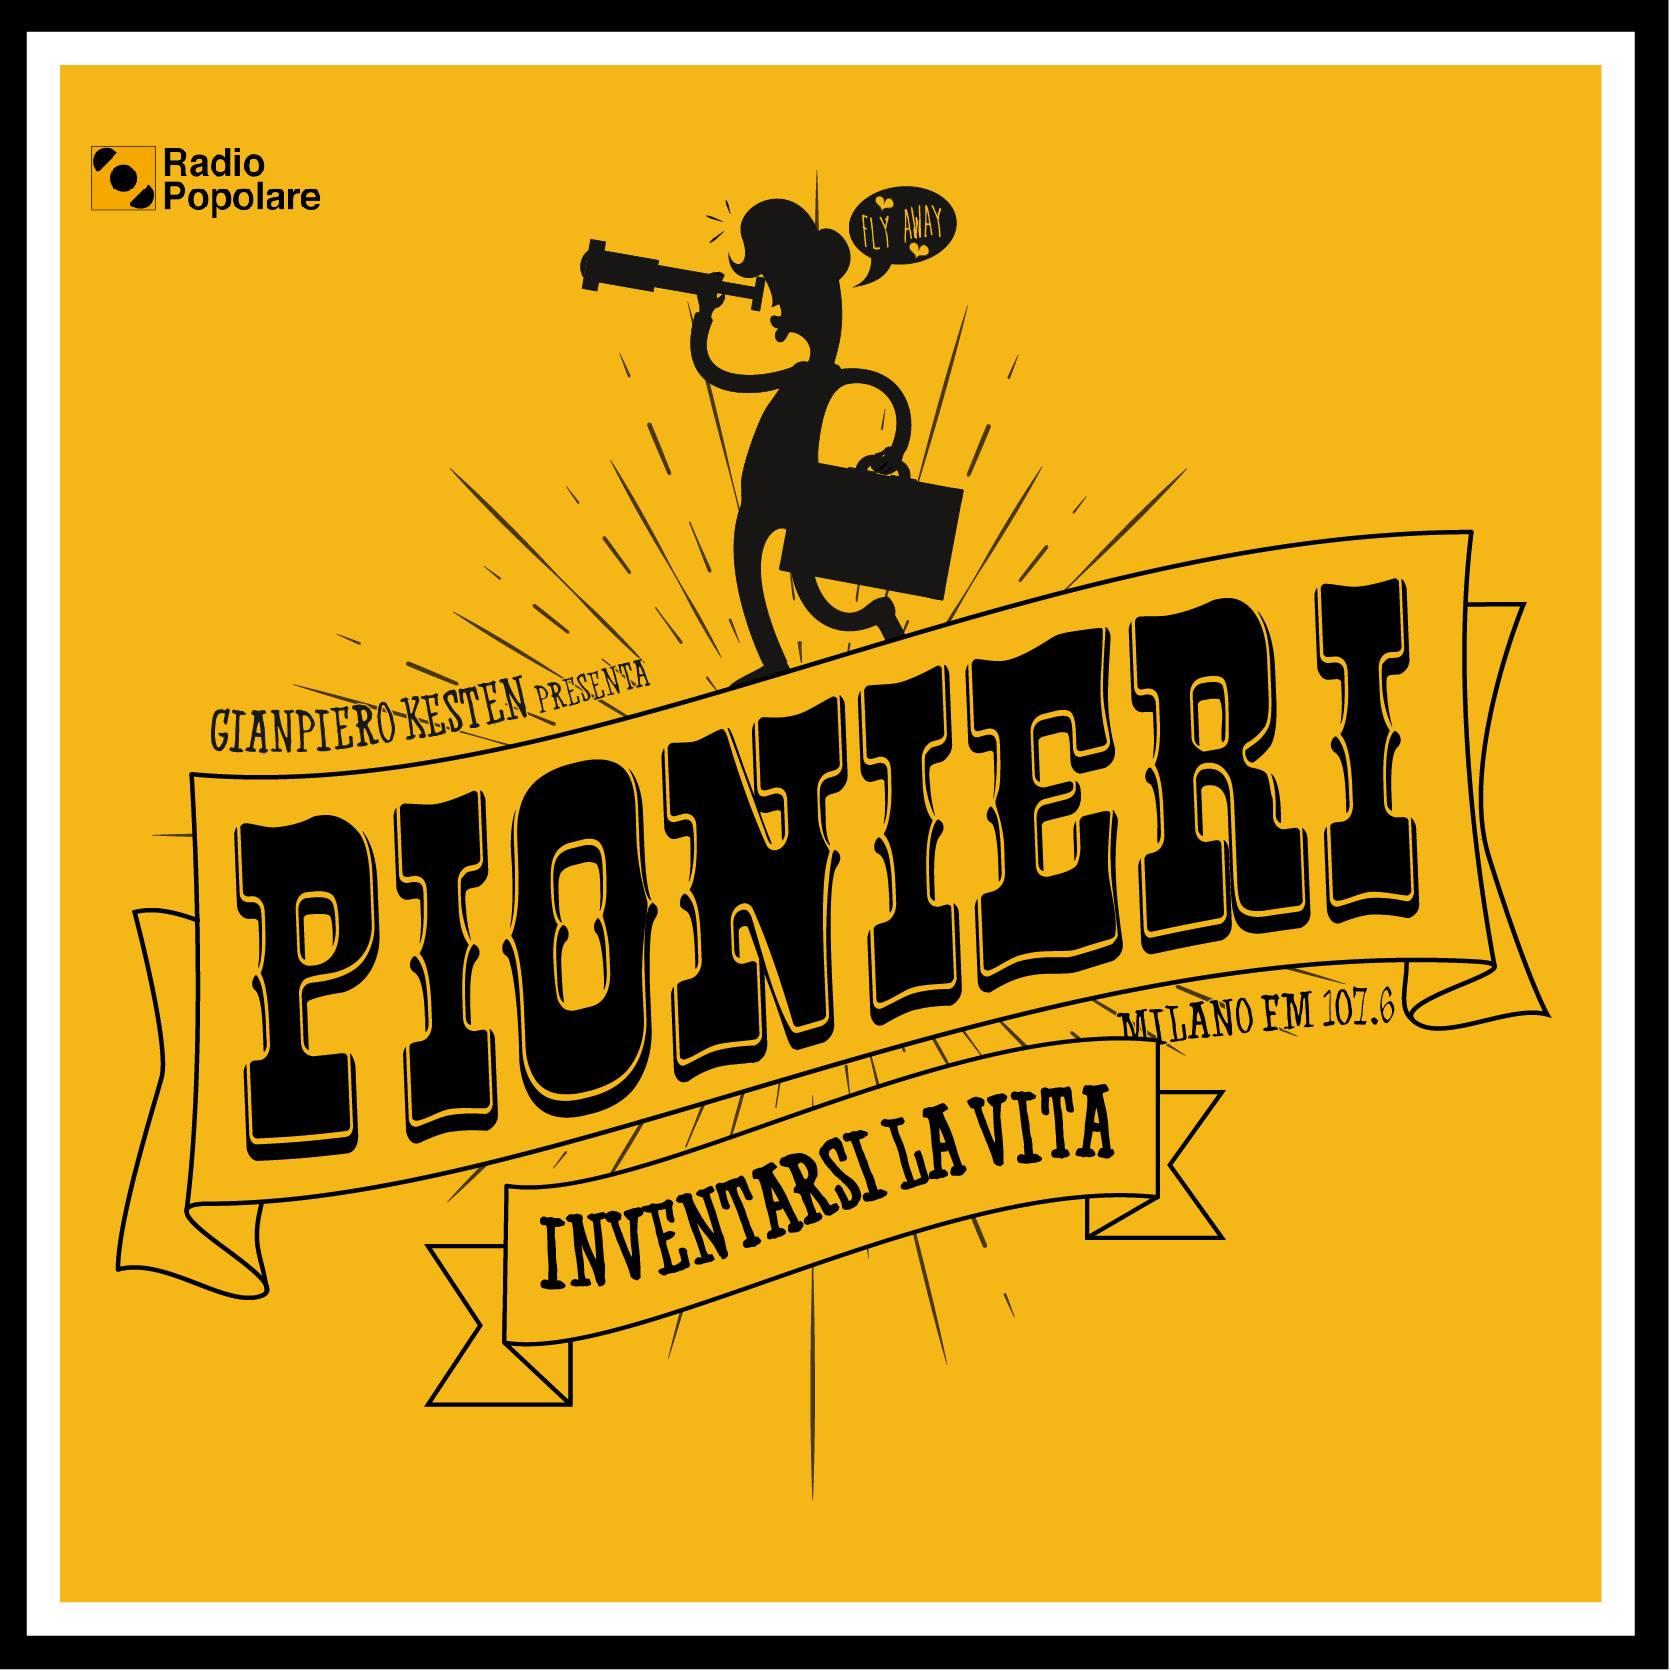 Pionieri - Radio Popolare